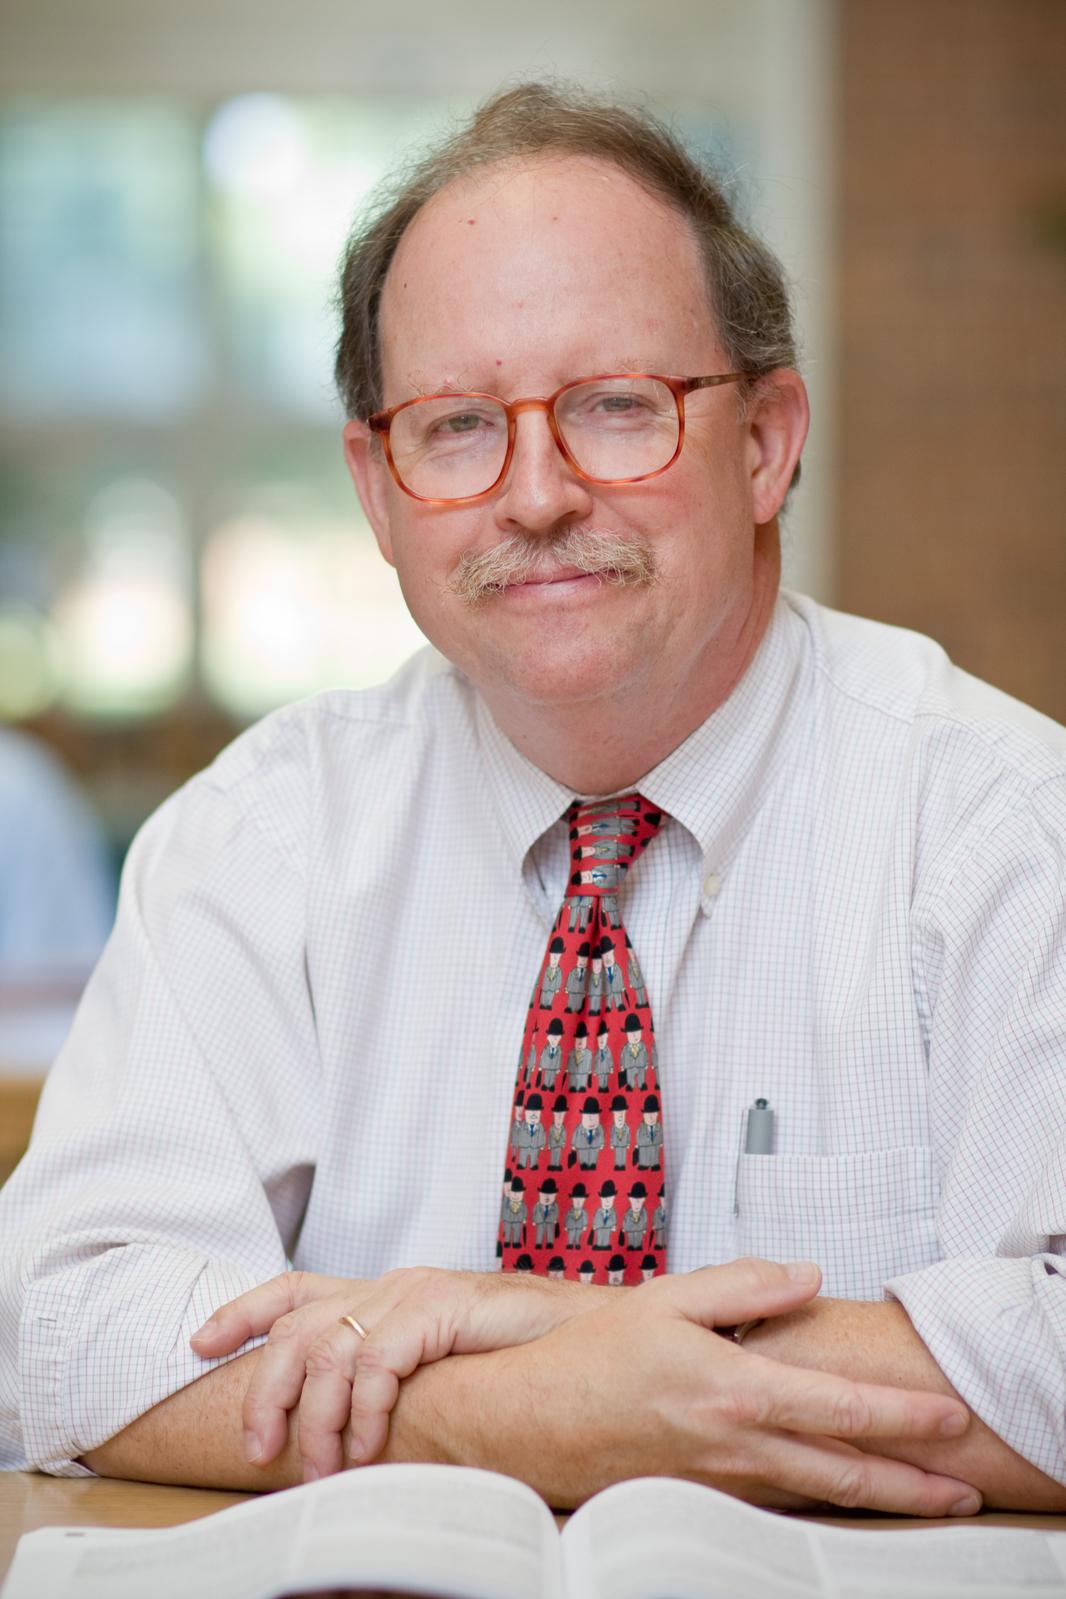 Headshot of Dr. Tom Phillips